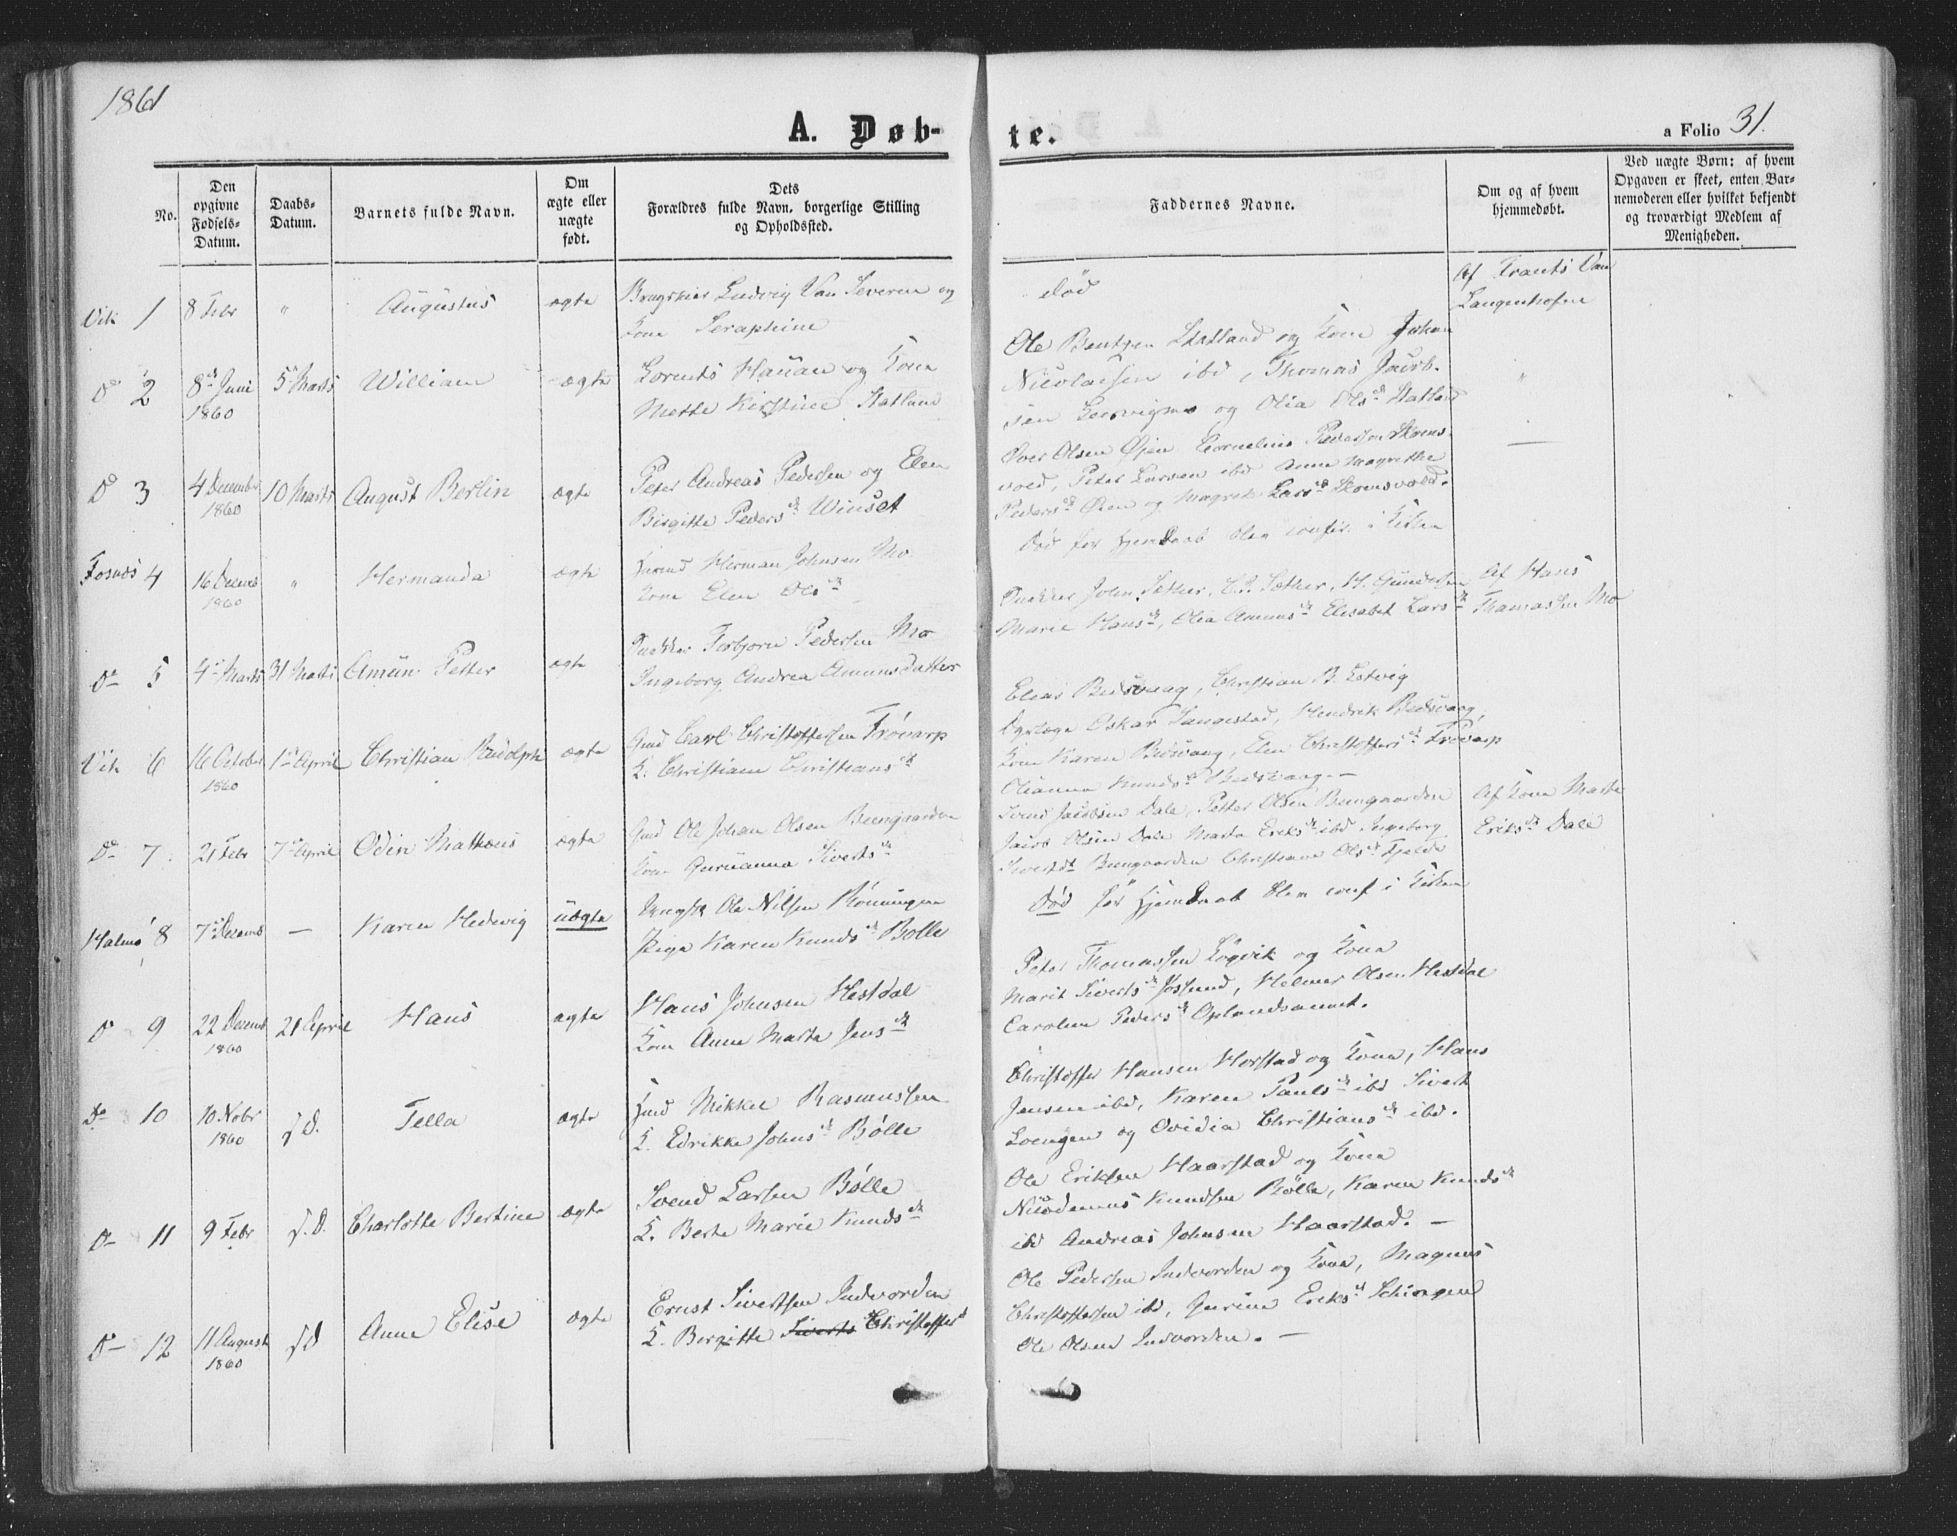 SAT, Ministerialprotokoller, klokkerbøker og fødselsregistre - Nord-Trøndelag, 773/L0615: Ministerialbok nr. 773A06, 1857-1870, s. 31